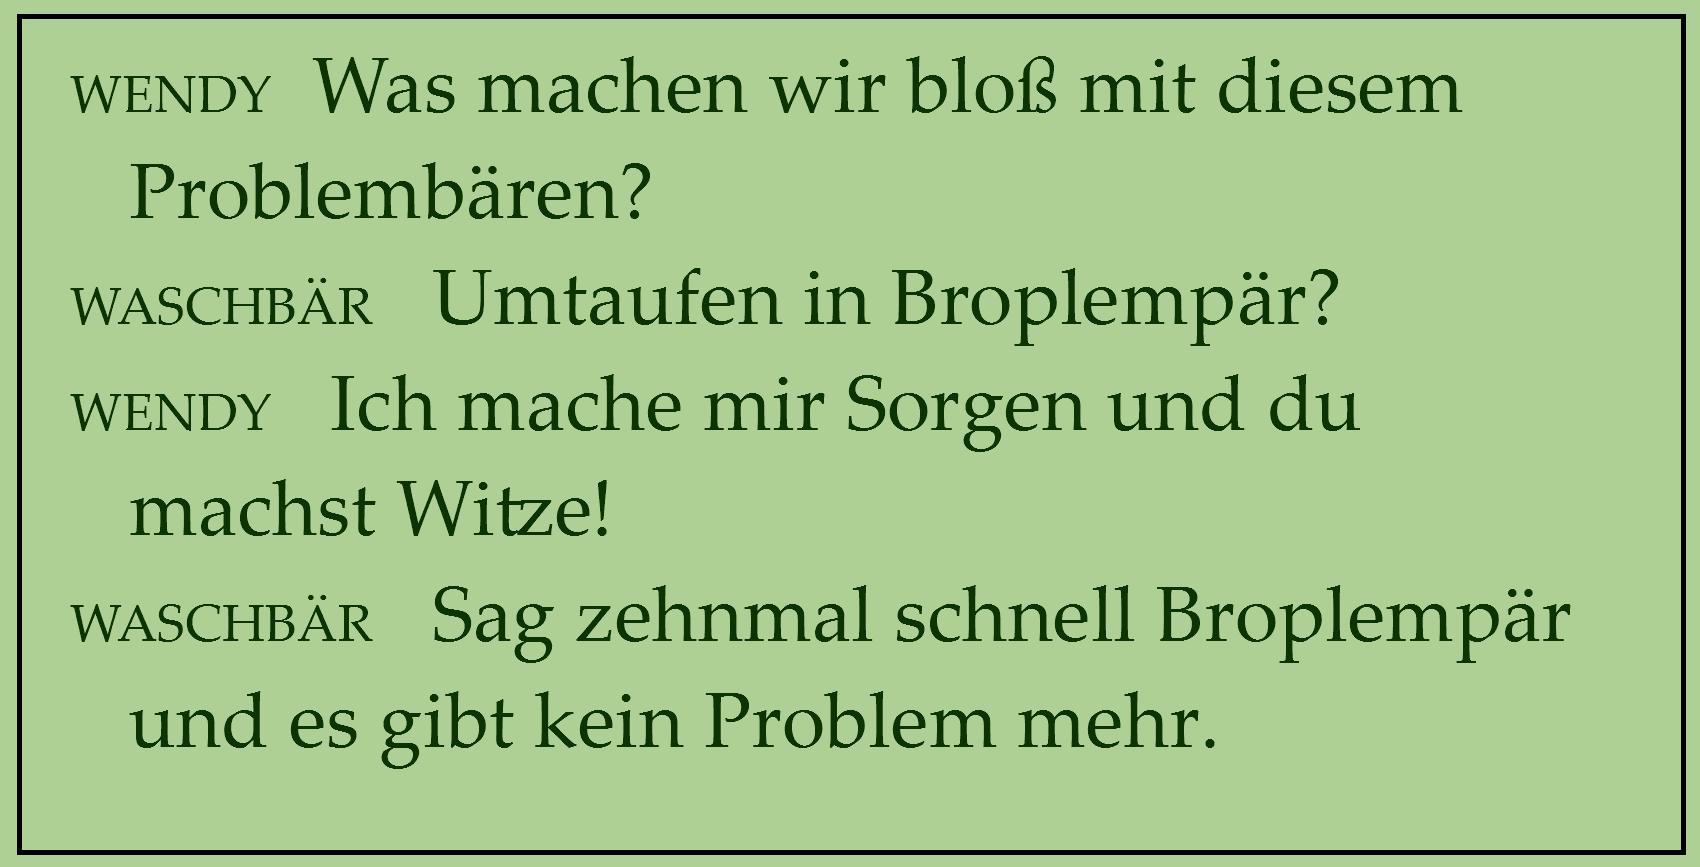 Problembär